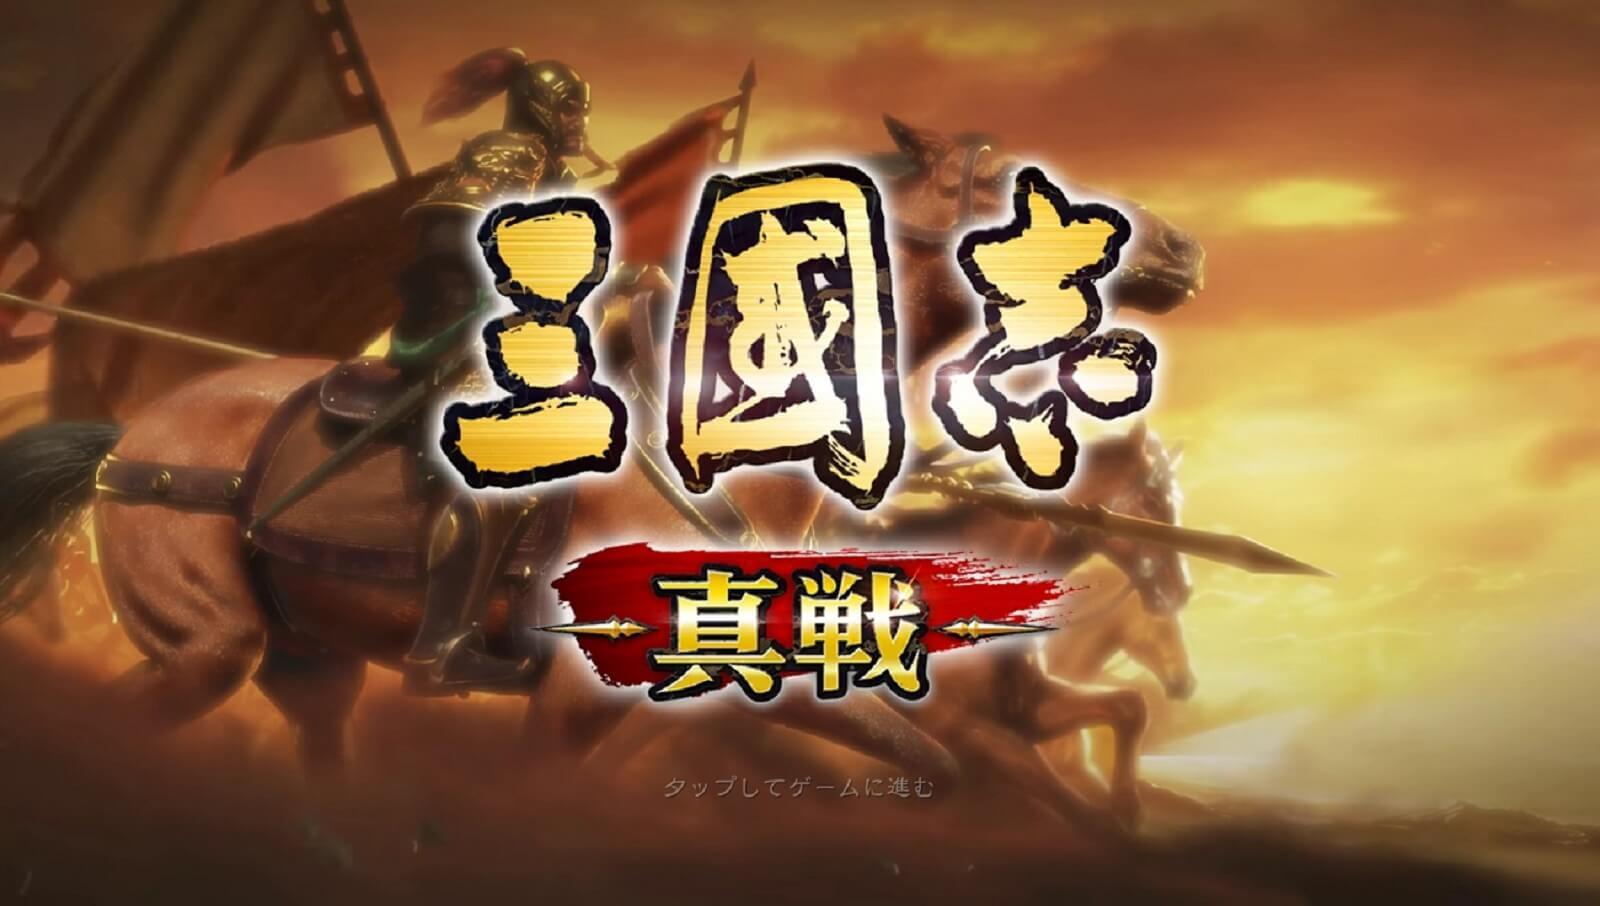 三国志真戦、君主特性で序盤の攻略もかわる本格三国志シミュレーションゲーム